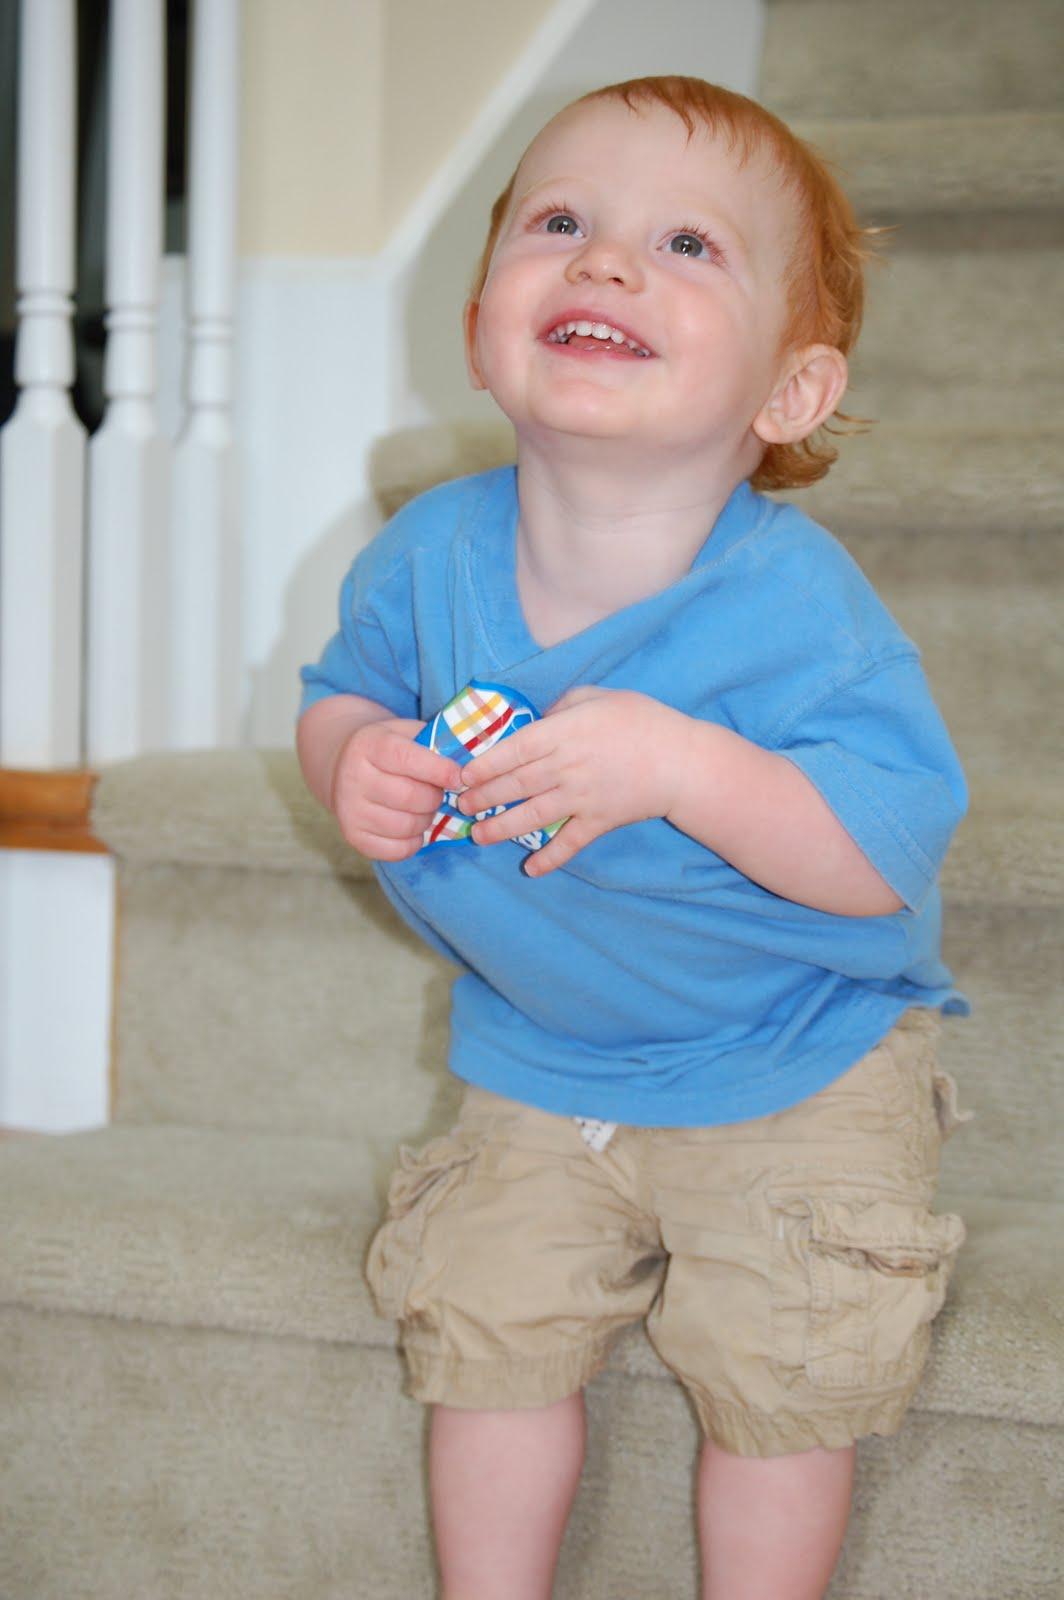 Baby Nolen's Journey: 14 months old